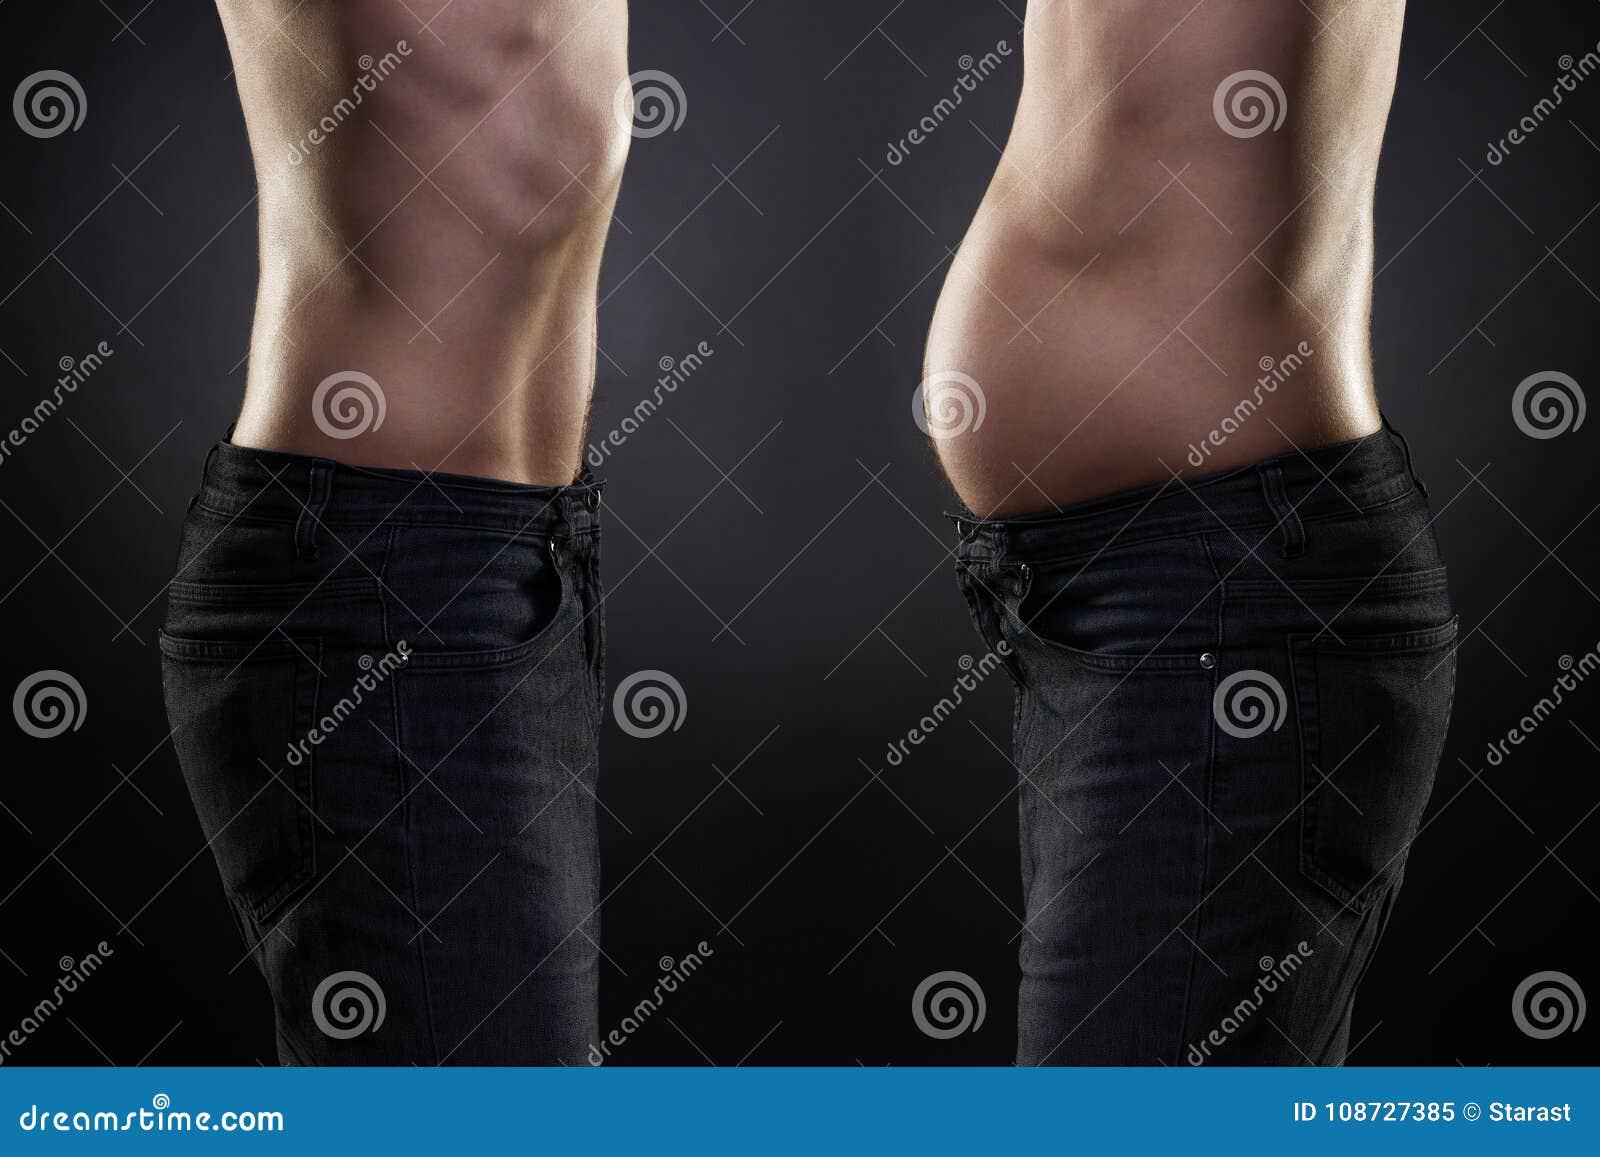 antes gordo después delgado